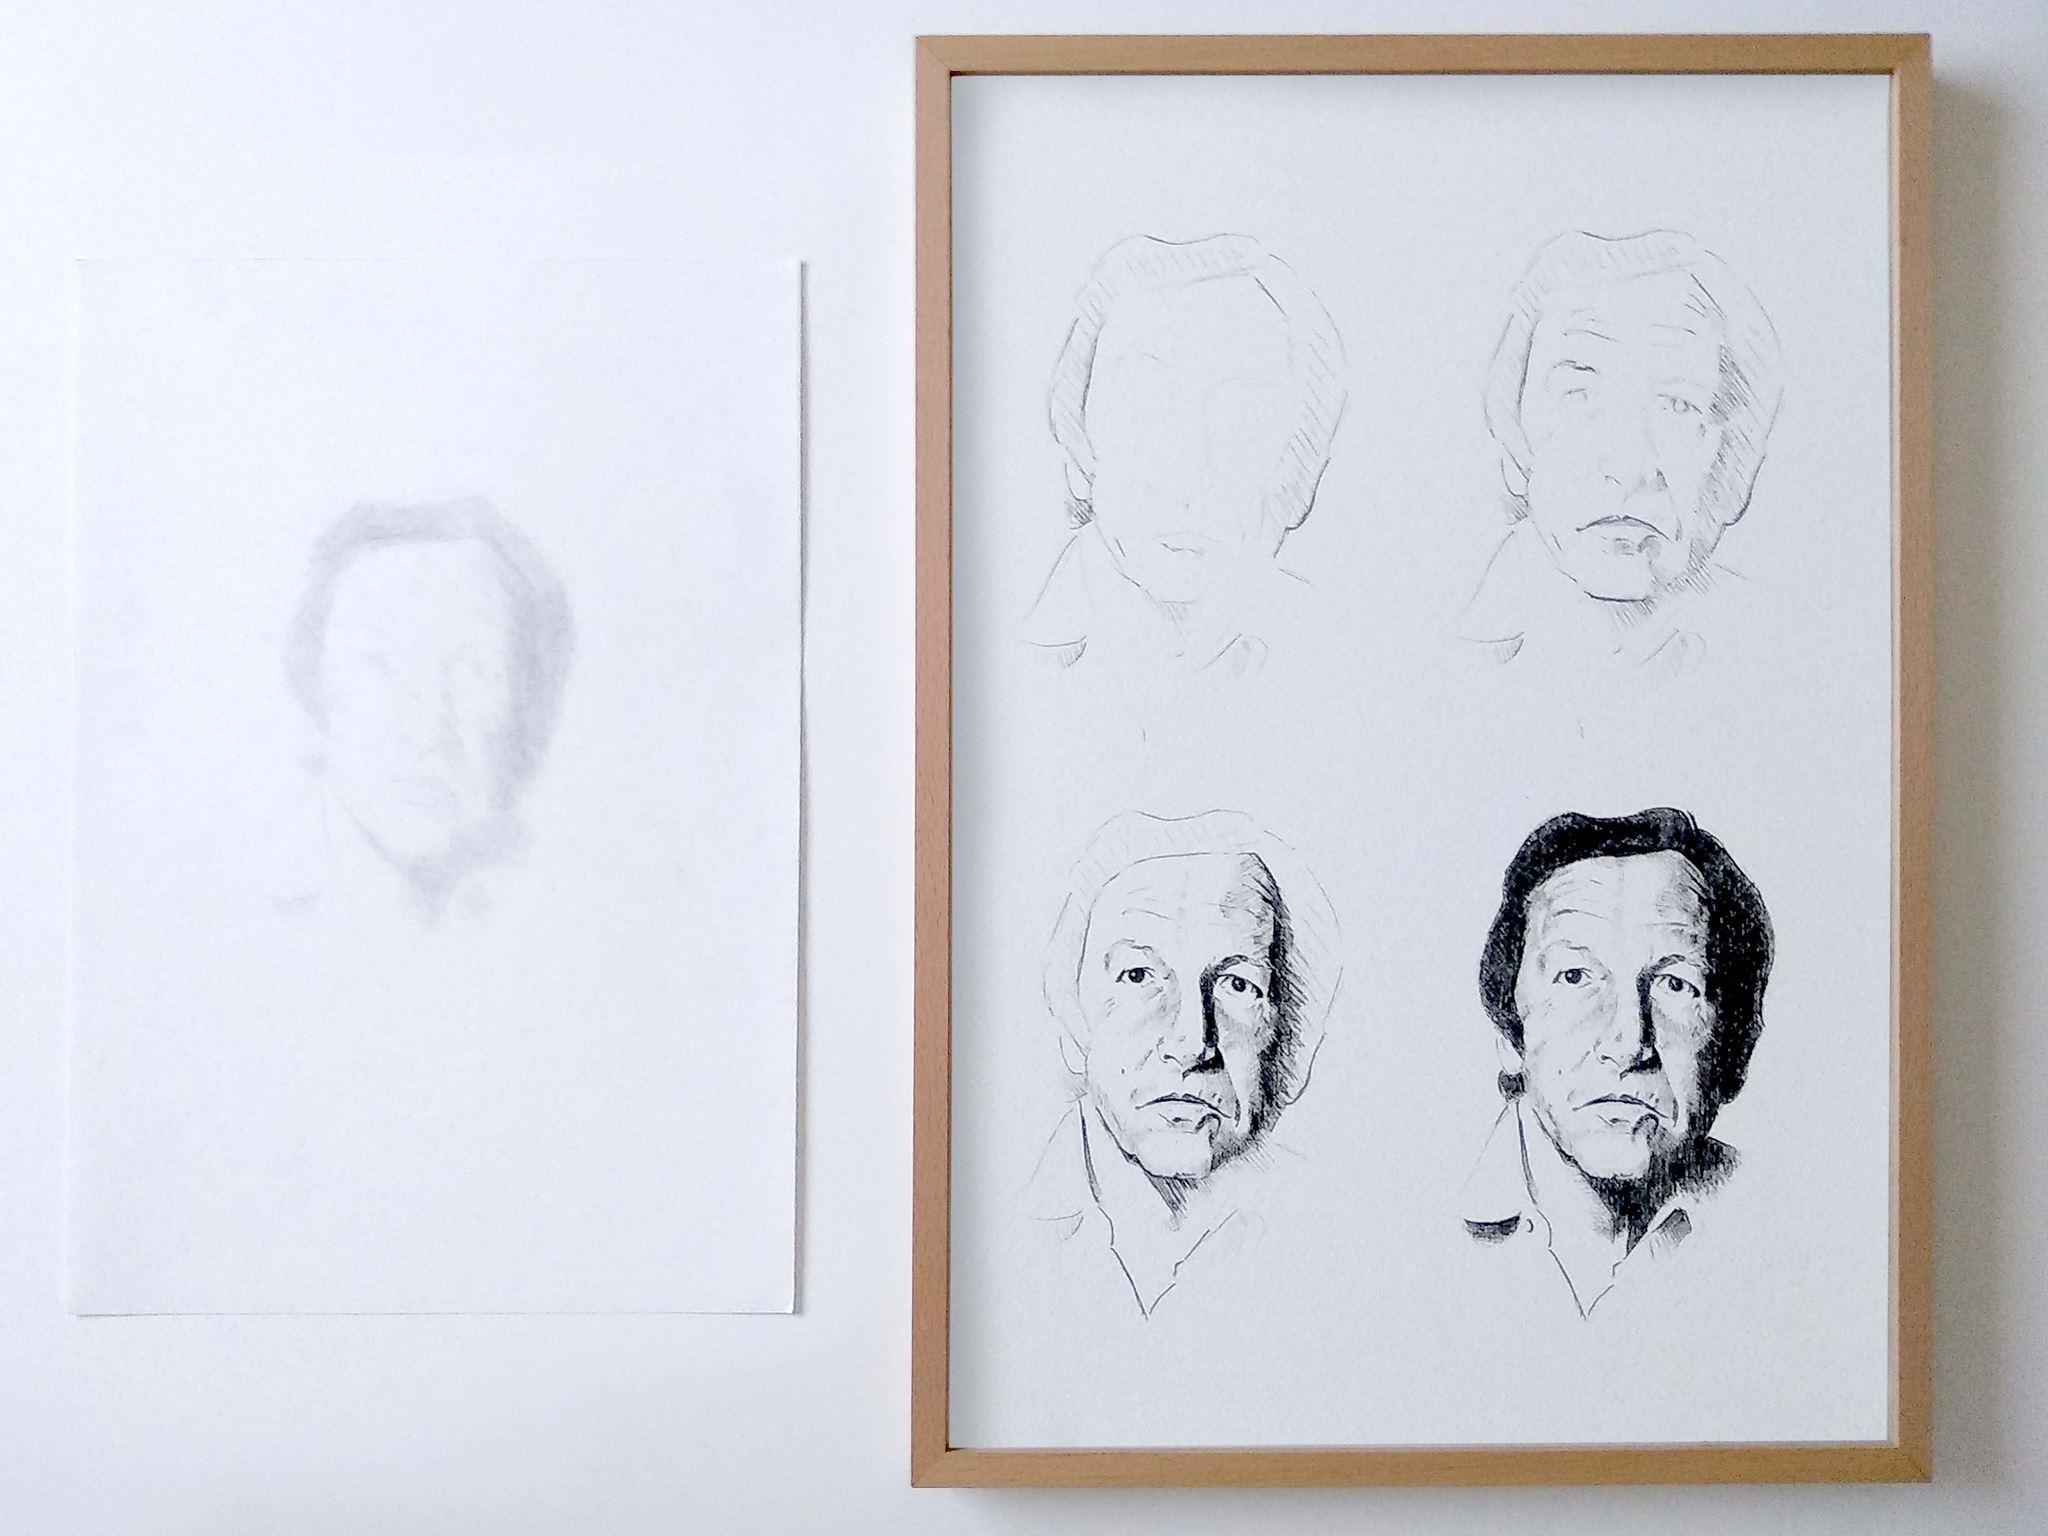 Erauschenberg (Díptico, grafito borrado sobre papel e impresión digital, 32,5×23 y 42×31,5 cm). 300 €